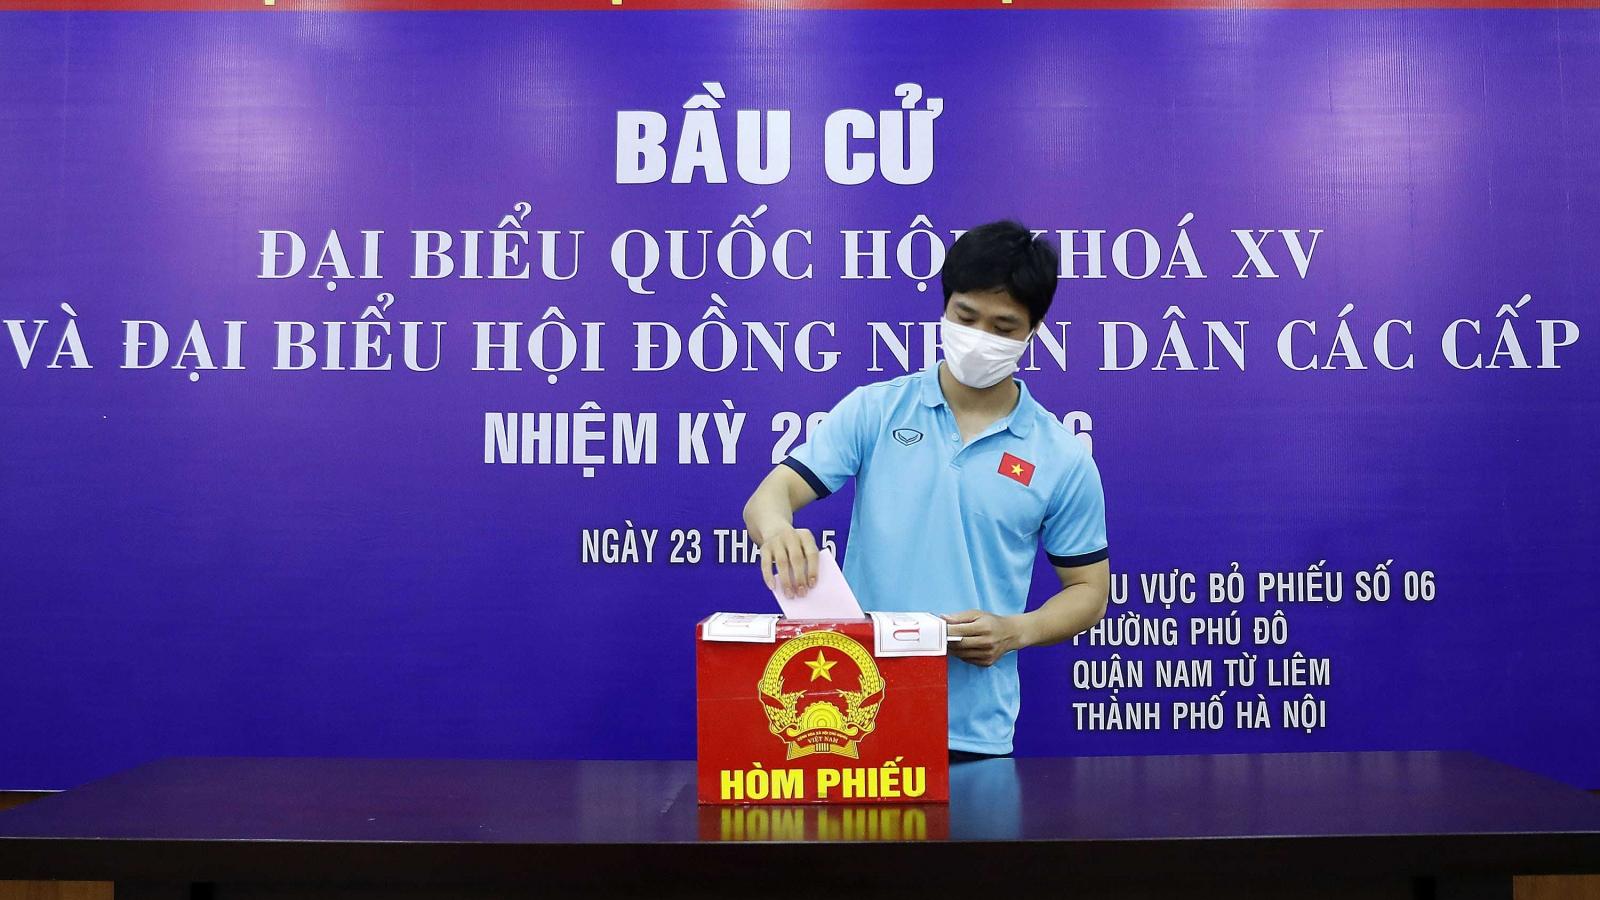 Các cầu thủ ĐT Việt Nam và U22 Việt Nam hào hứng đi bầu cử